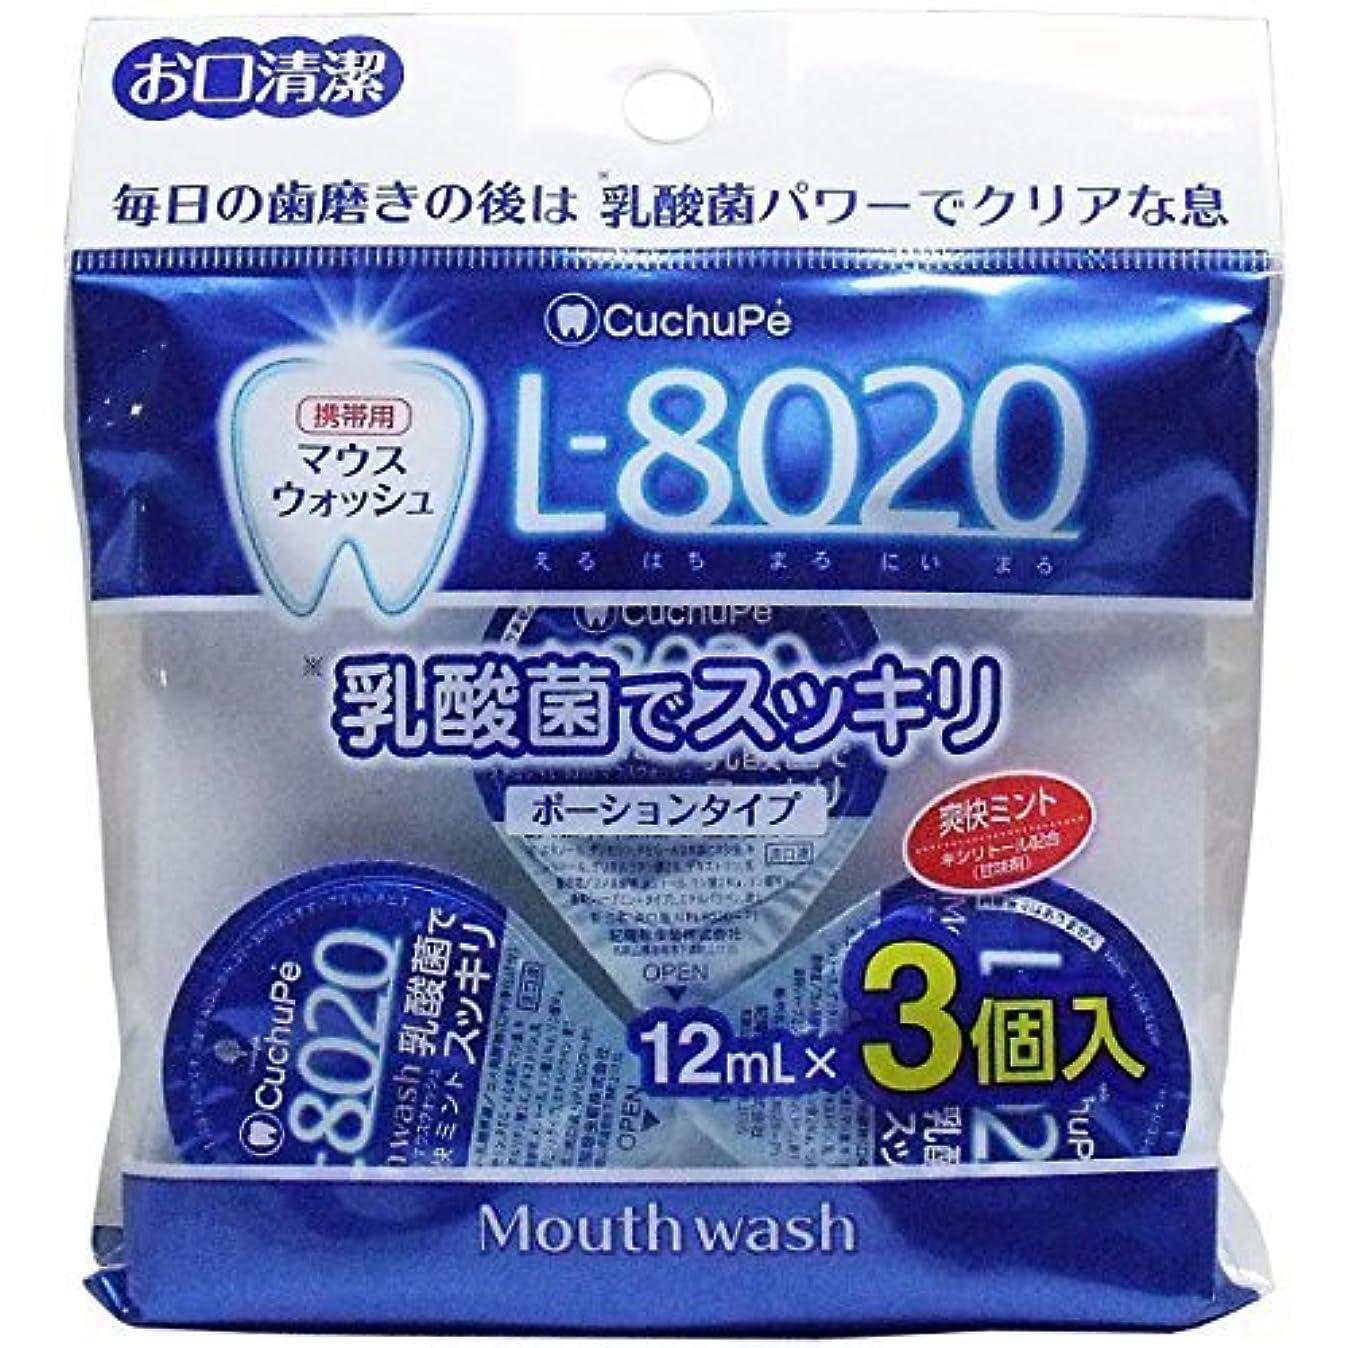 かなりの分伝染病クチュッペL-8020爽快ミントポーションタイプ3個入(アルコール) 【まとめ買い10個セット】 K-7051